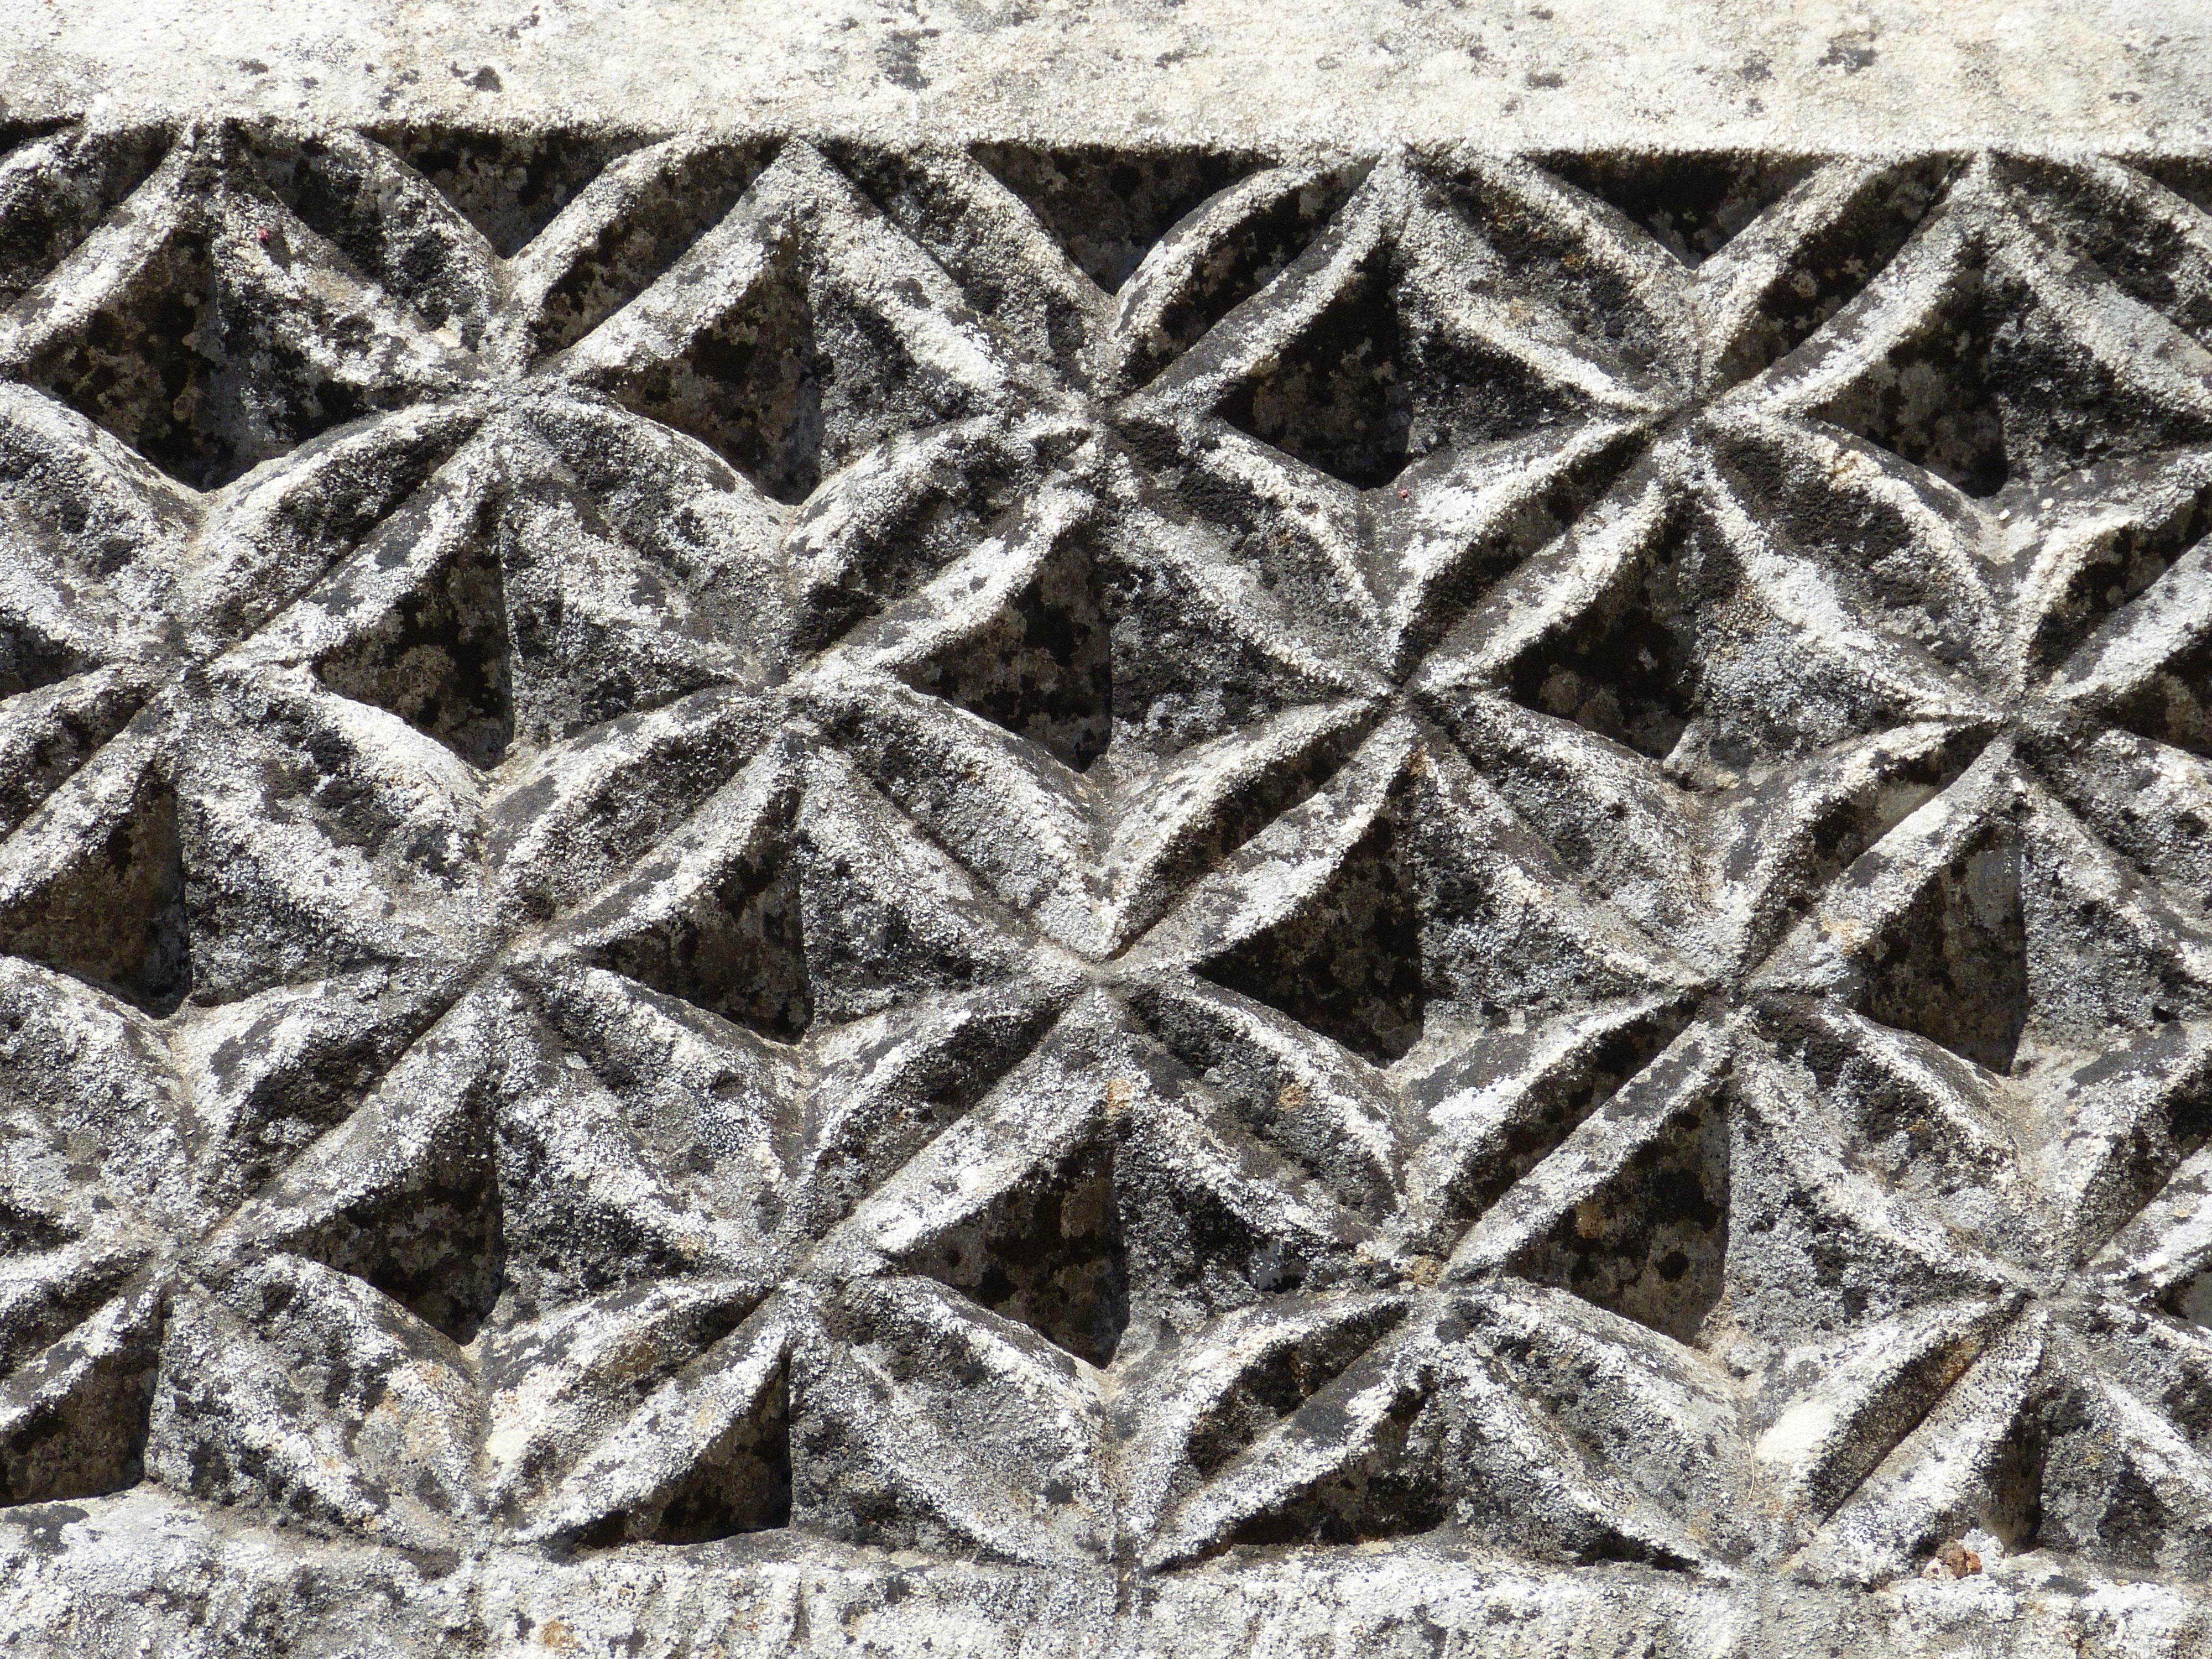 Fotos gratis : antiguo, escarcha, piedra, patrón, cordón, material ...